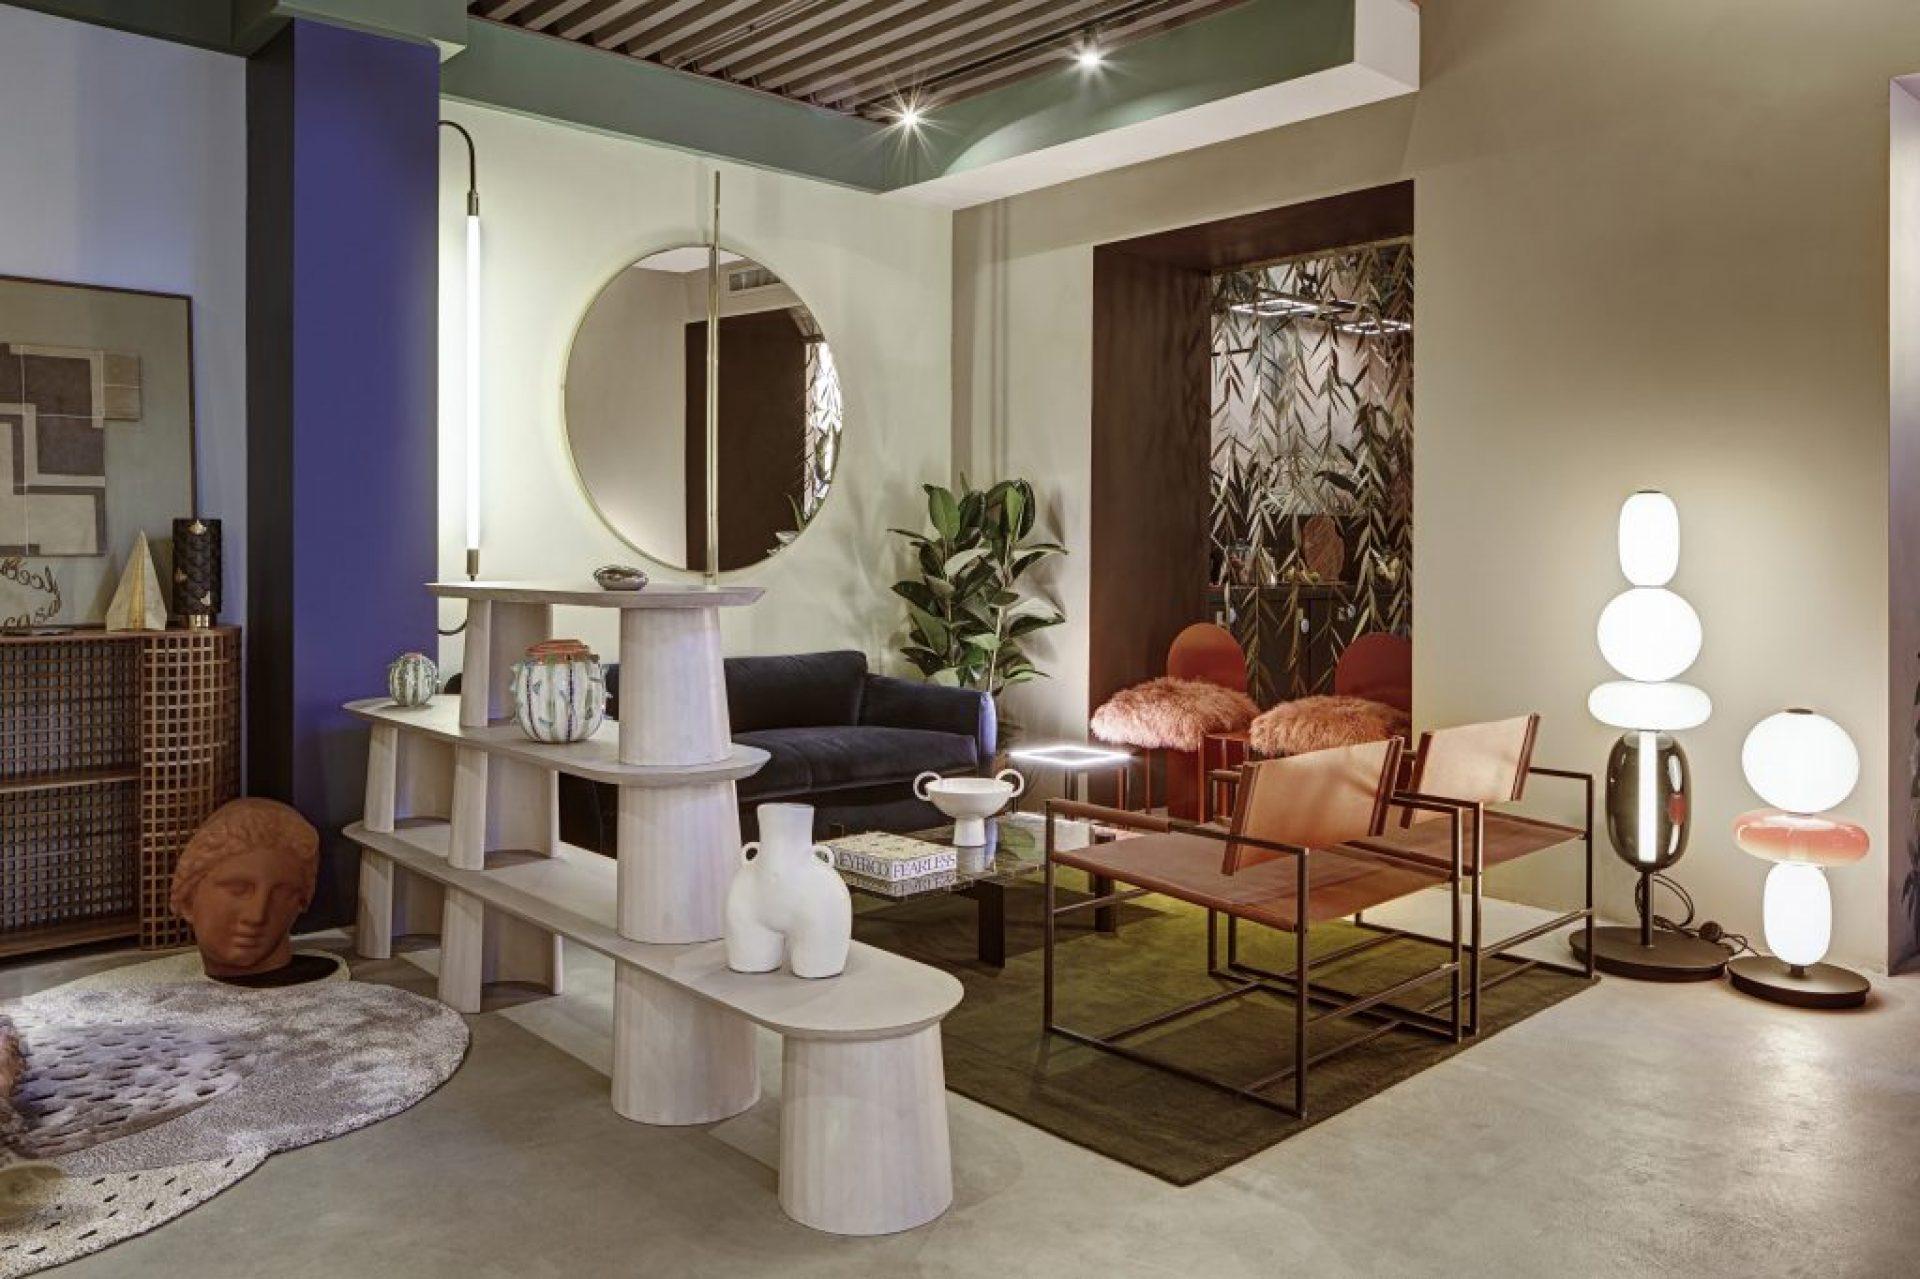 PalermoUno_New Show Apartment 2020_Ph Mattia Iotti_21